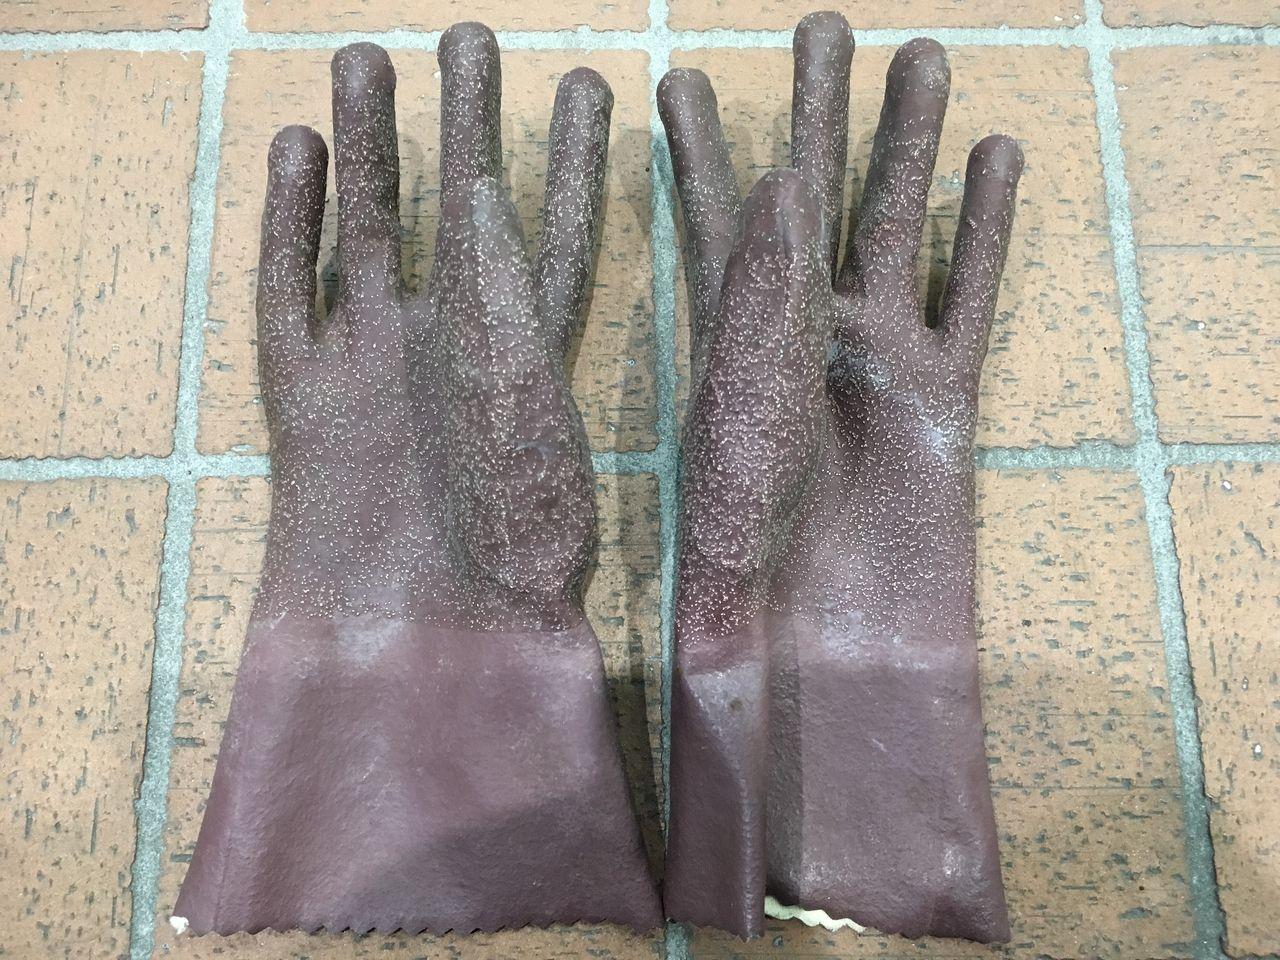 月極駐車場の除草剤撒きで使う作業用のゴム手袋です。